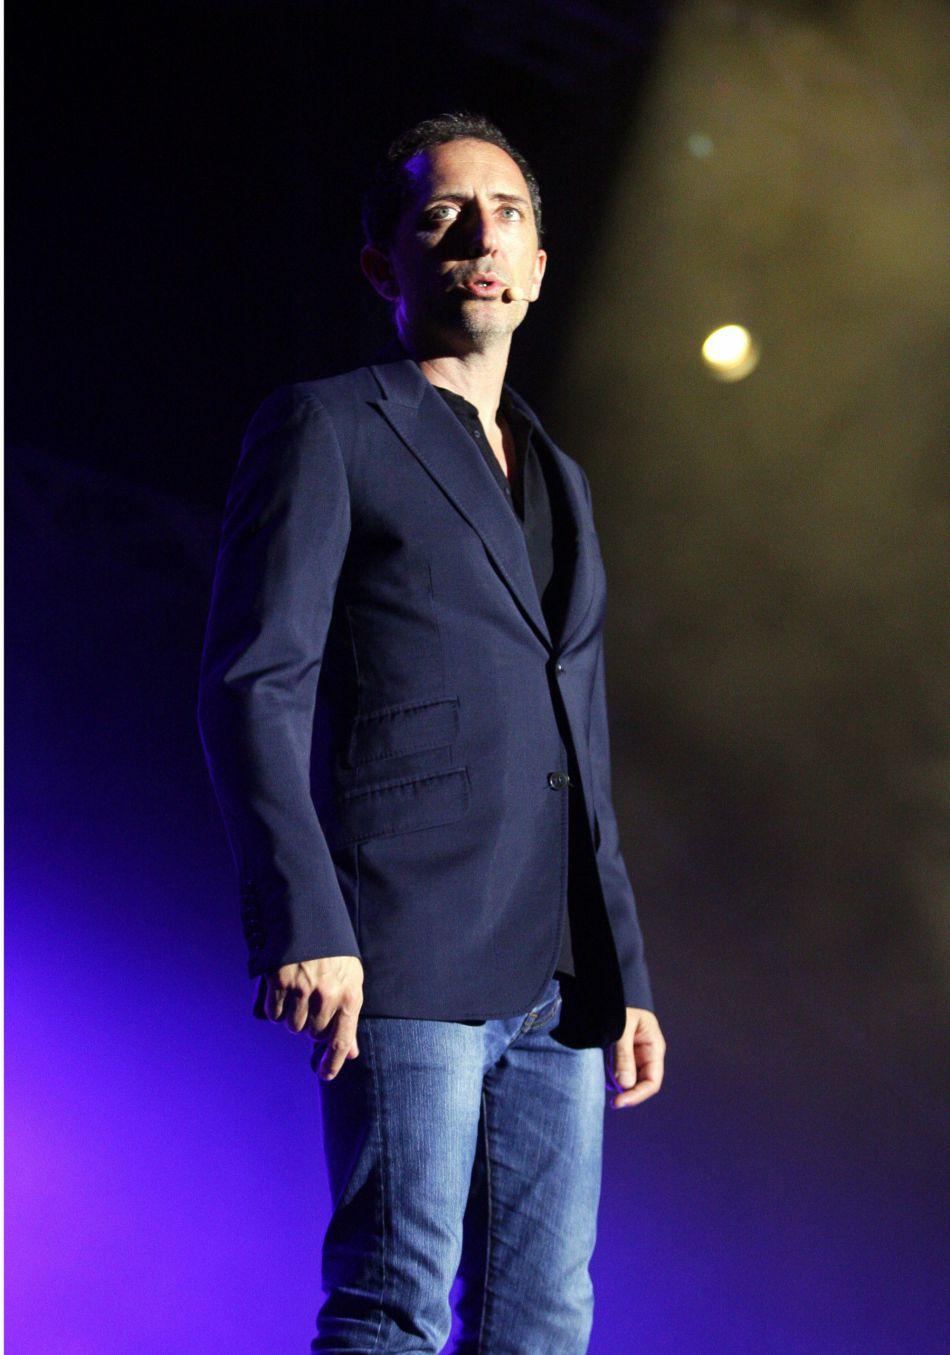 En pleine tournée américaine, il n'hésite pas à faire des allers-retours entre New York et Monaco pour voir son petit Raphael, fruit de sa relation avec Charlotte Casiraghi.